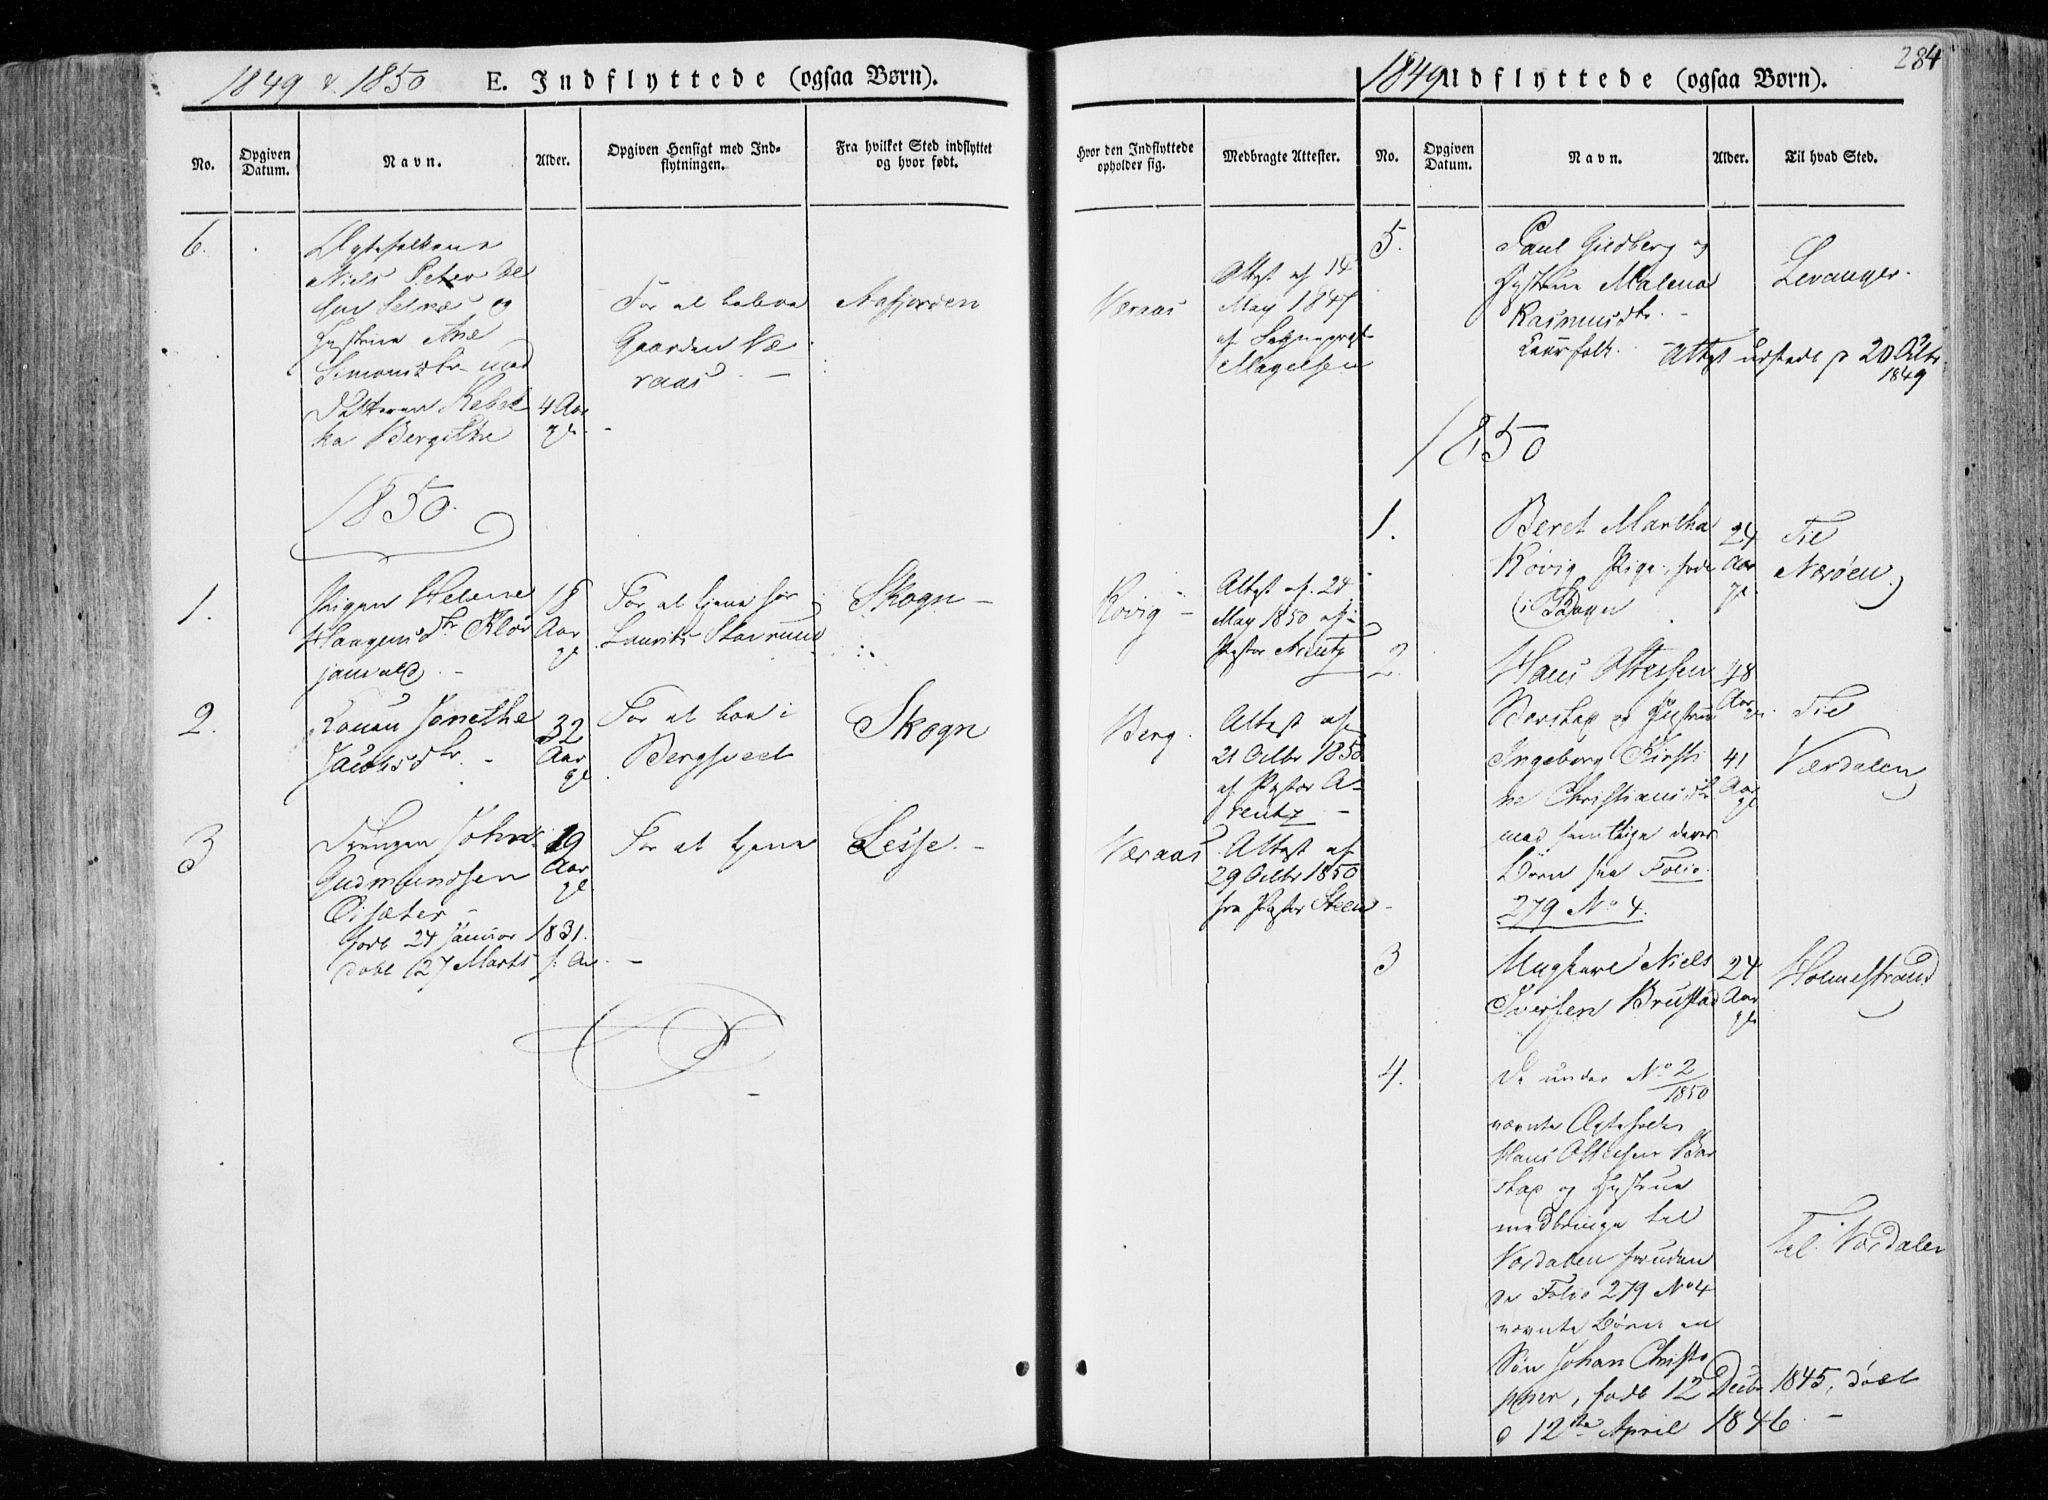 SAT, Ministerialprotokoller, klokkerbøker og fødselsregistre - Nord-Trøndelag, 722/L0218: Ministerialbok nr. 722A05, 1843-1868, s. 284